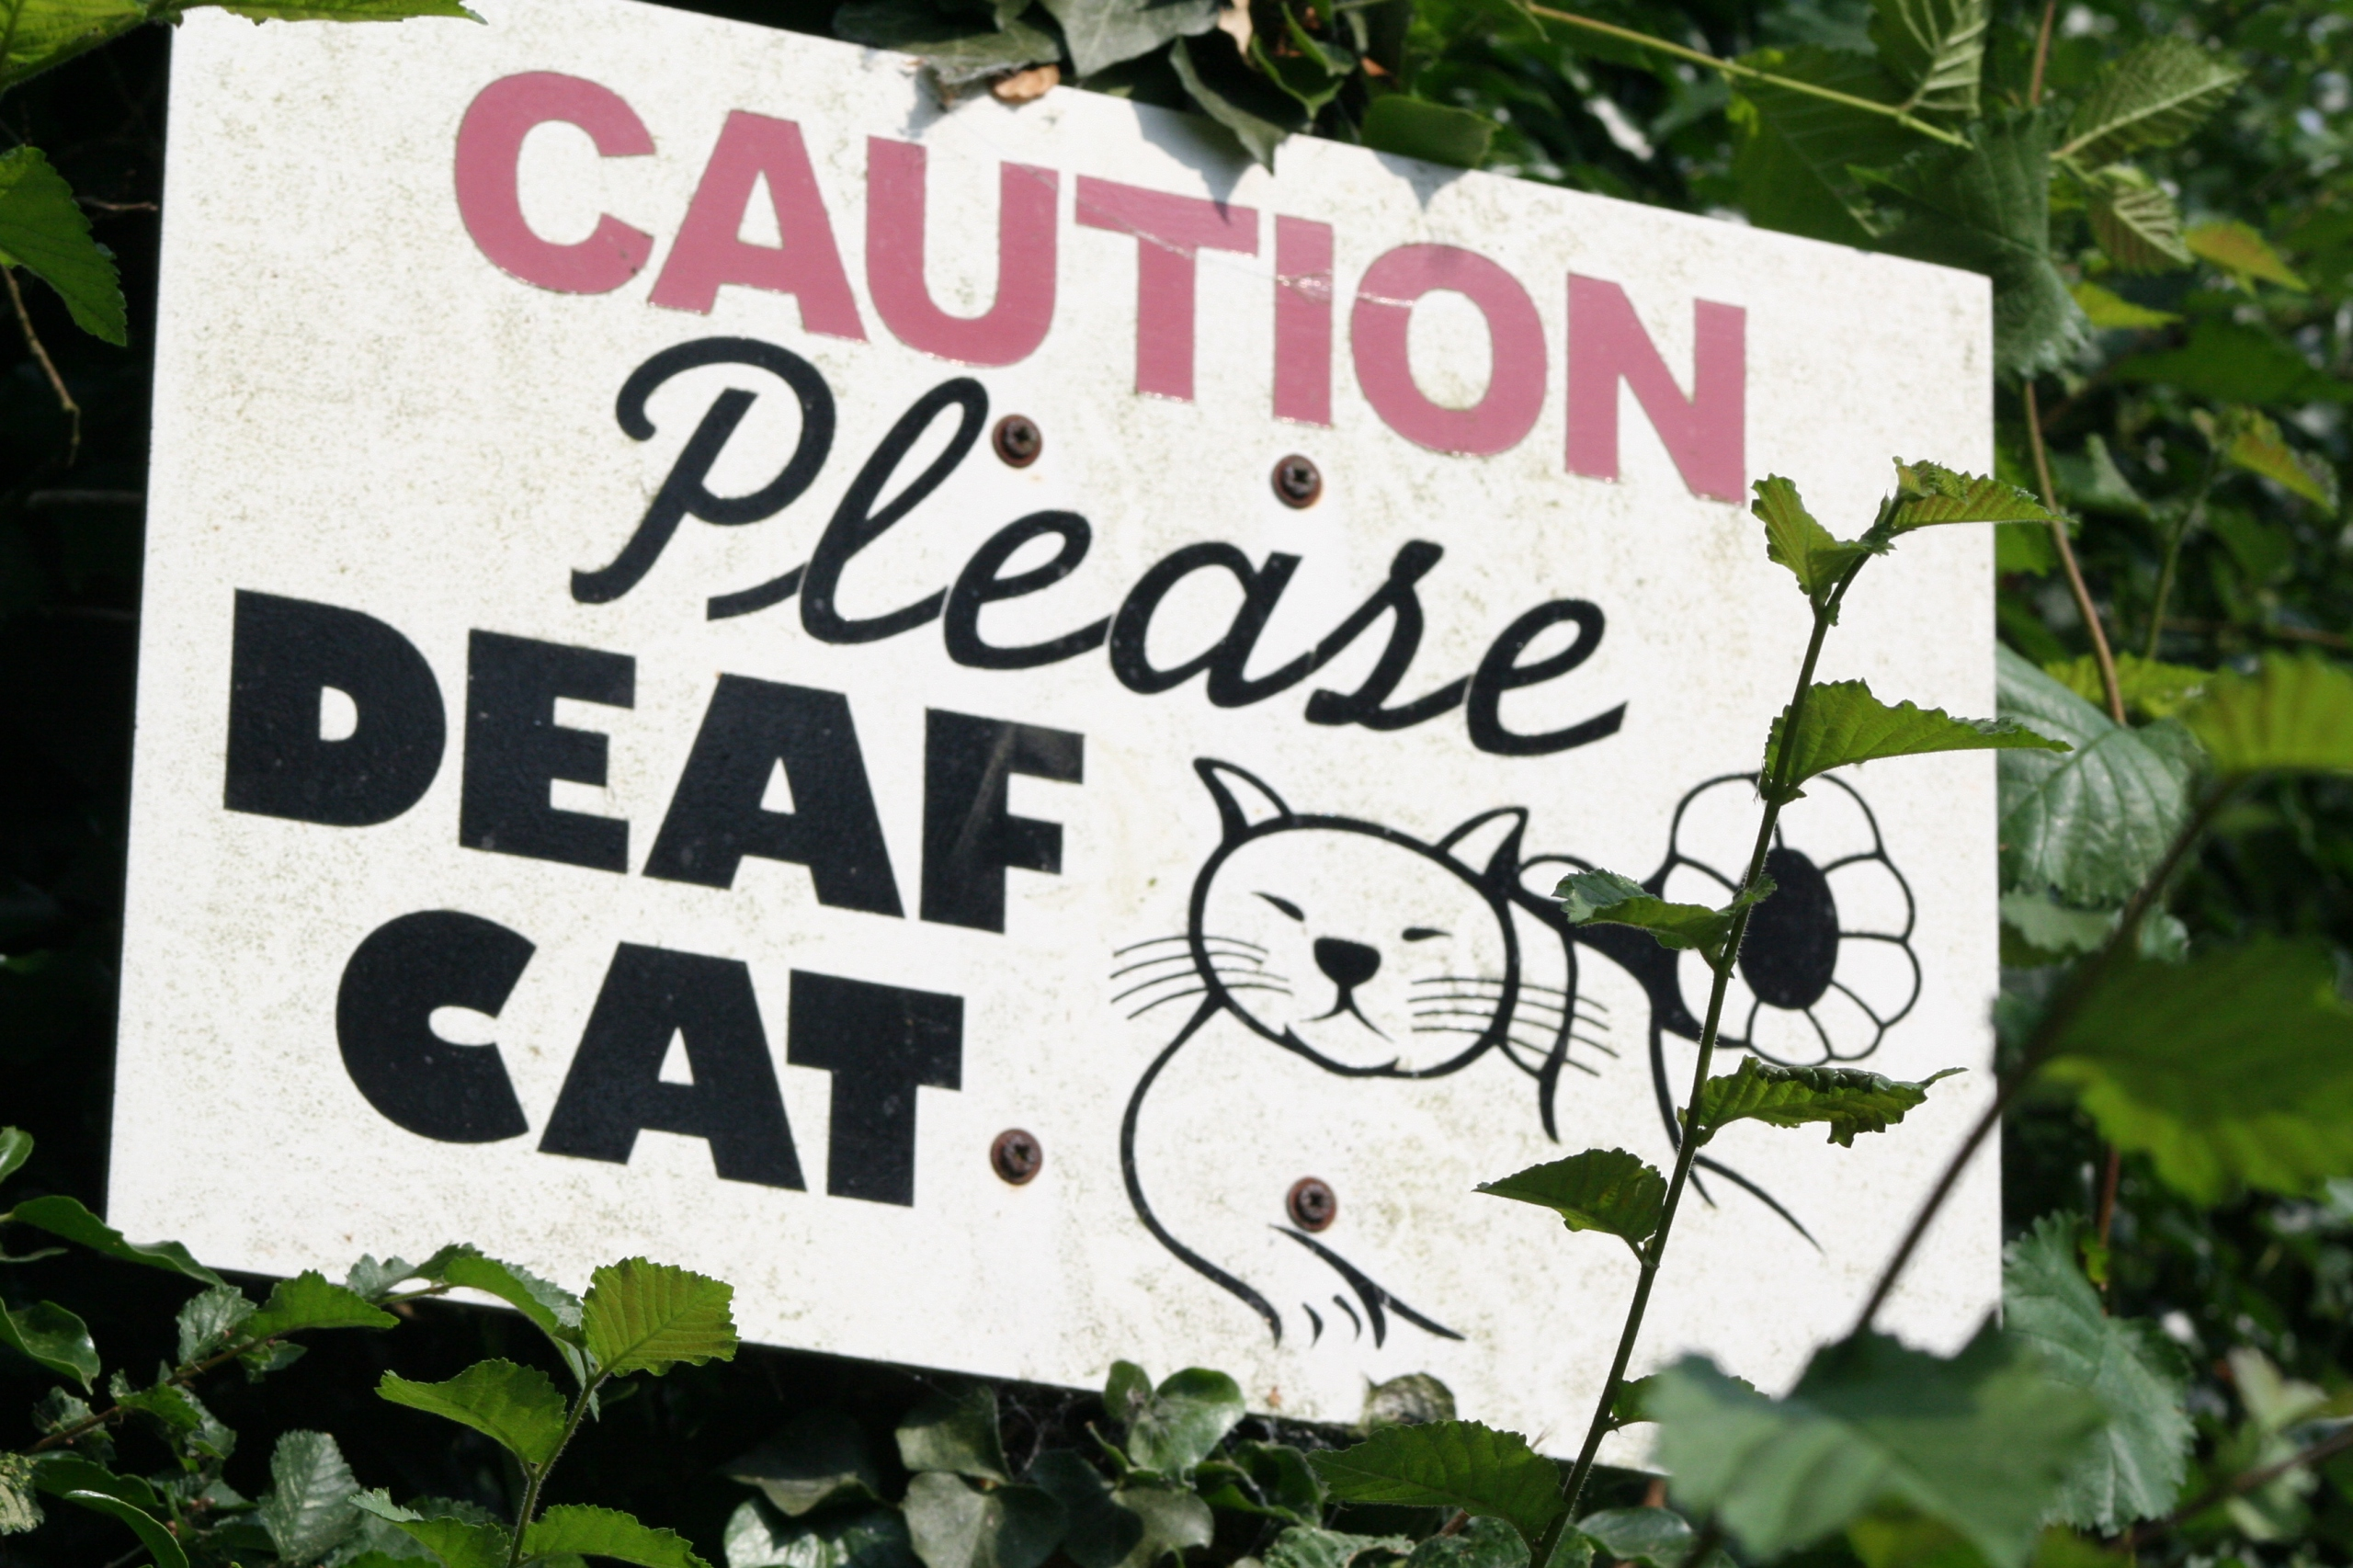 Deaf Cat